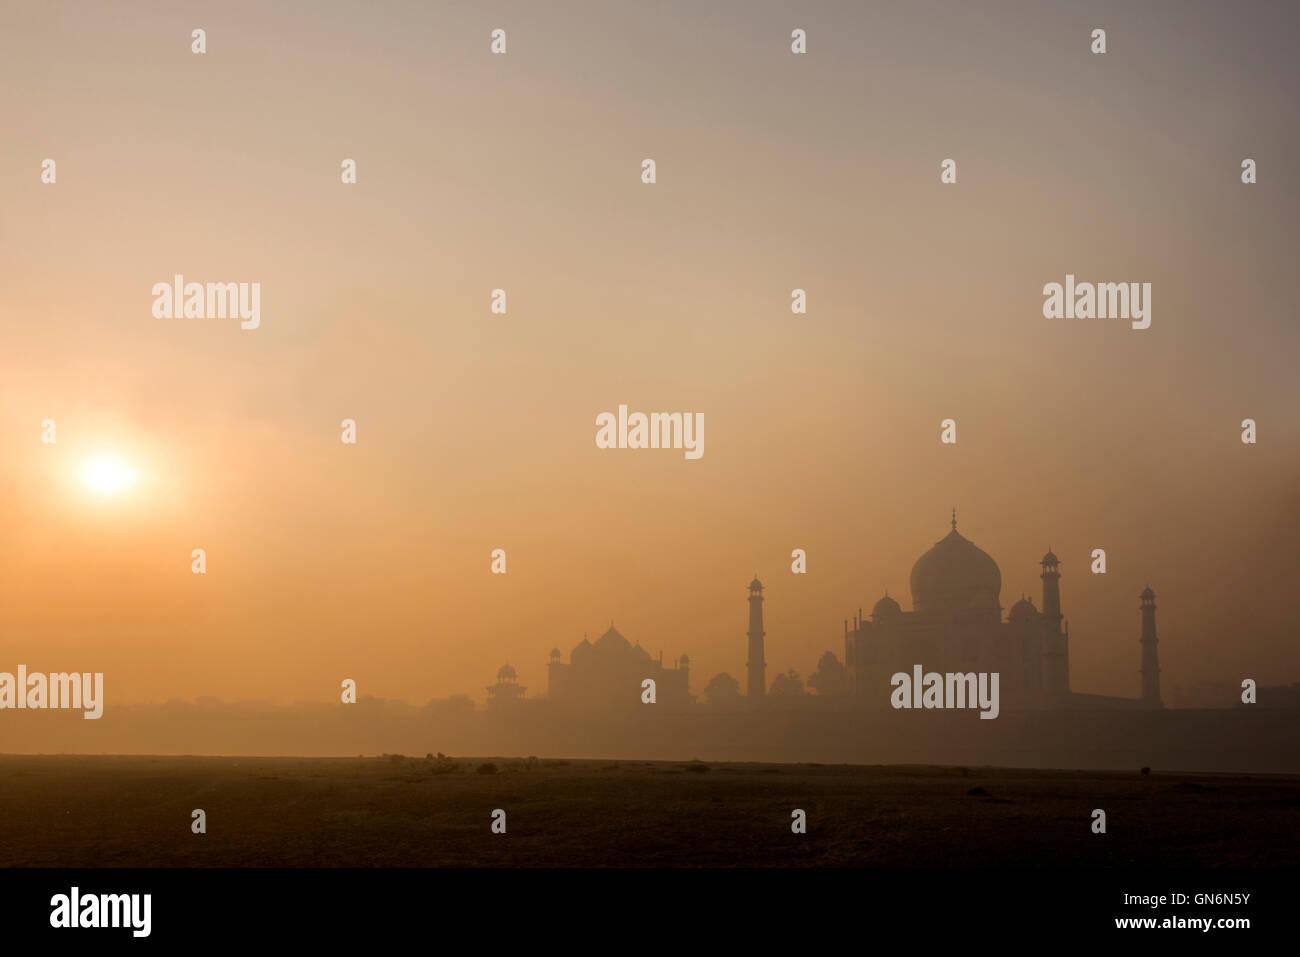 El sol naciente en la madrugada niebla sobre el Taj Mahal en Agra, Uttar Pradesh. La India Imagen De Stock